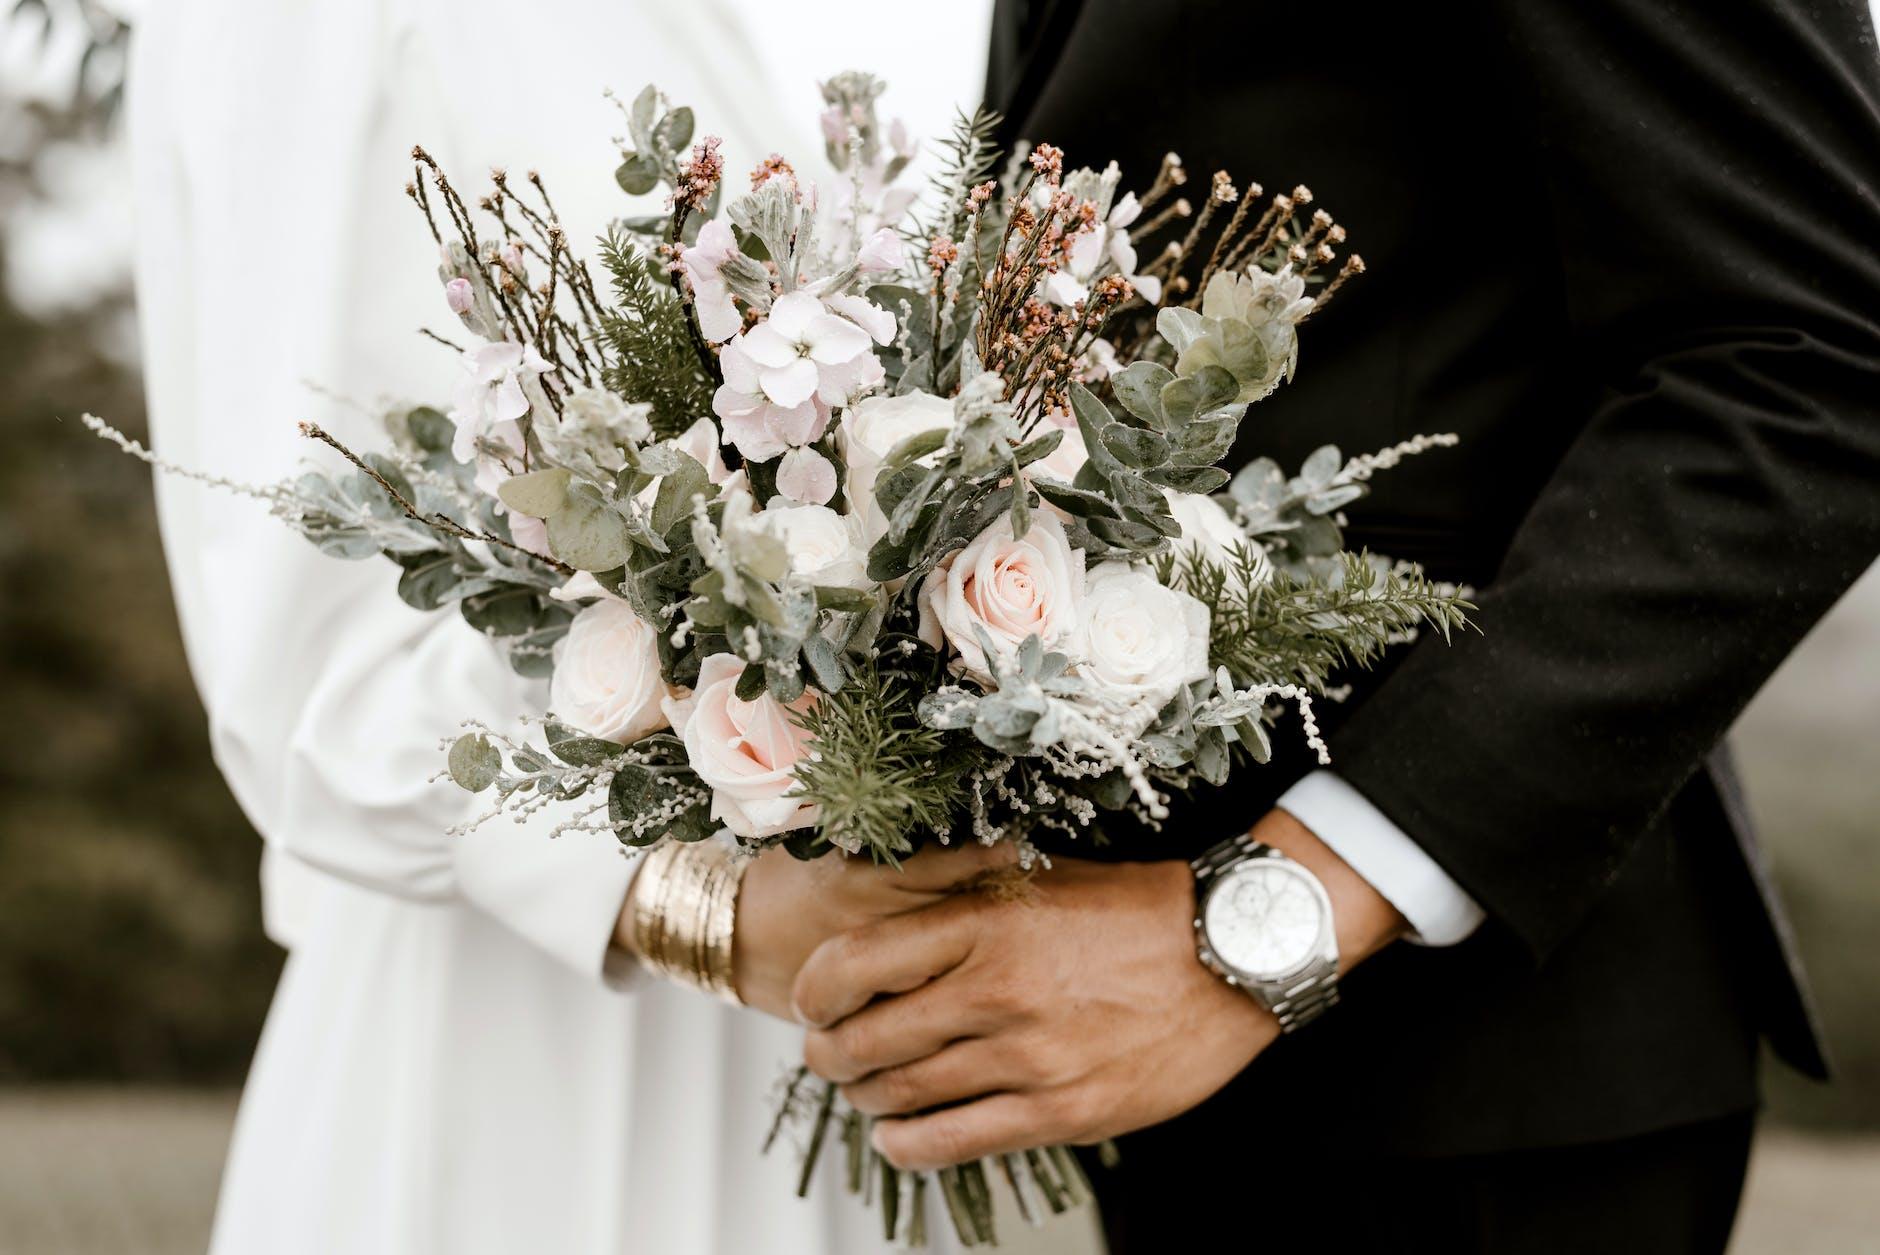 結婚前 隠し事 特徴 見抜き方